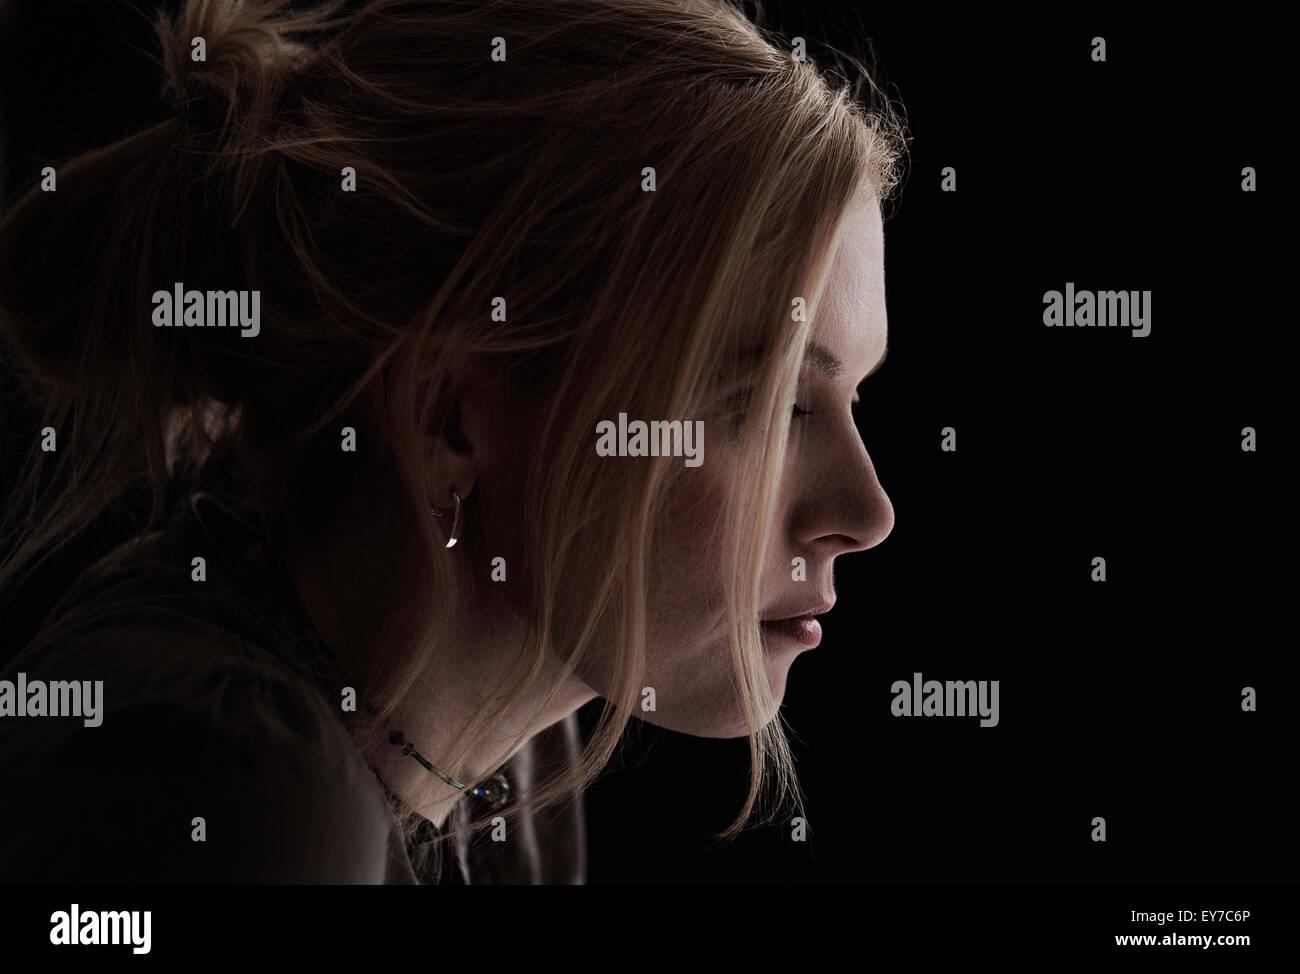 Porträt von blonde Frau im studio Stockbild